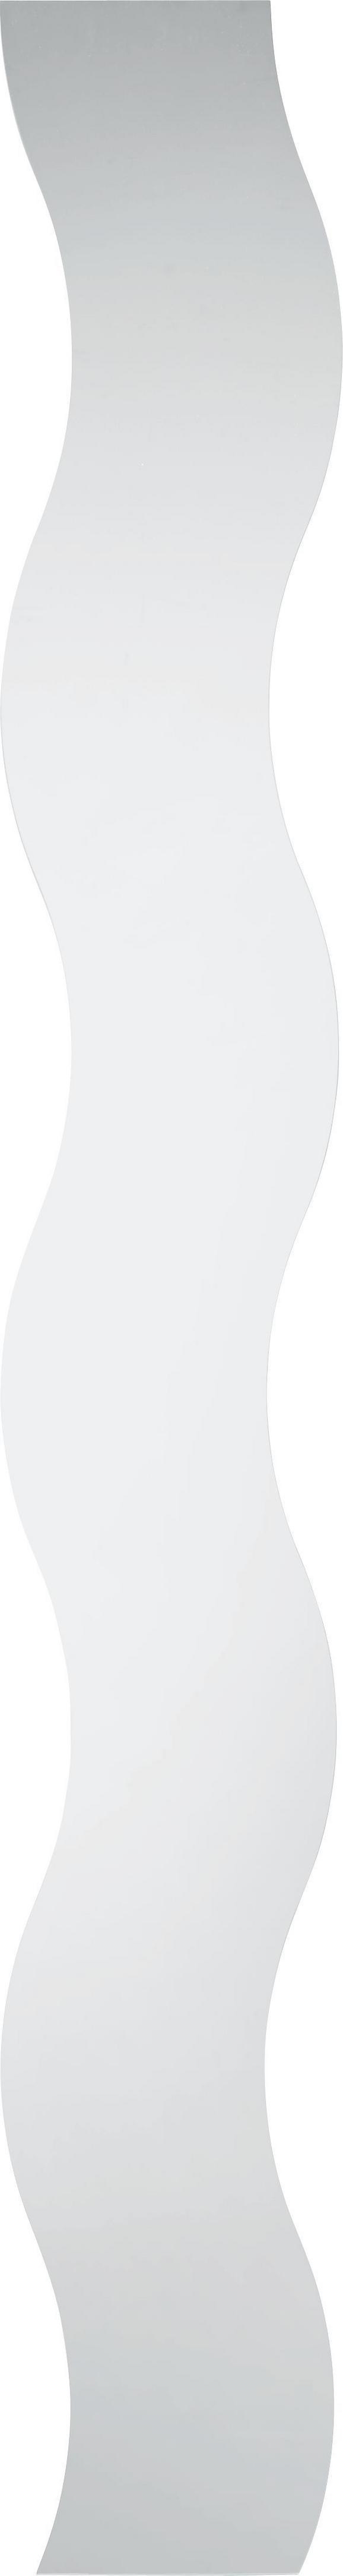 Spiegel 15x150cm - Silberfarben, KONVENTIONELL (15/150cm) - Mömax modern living